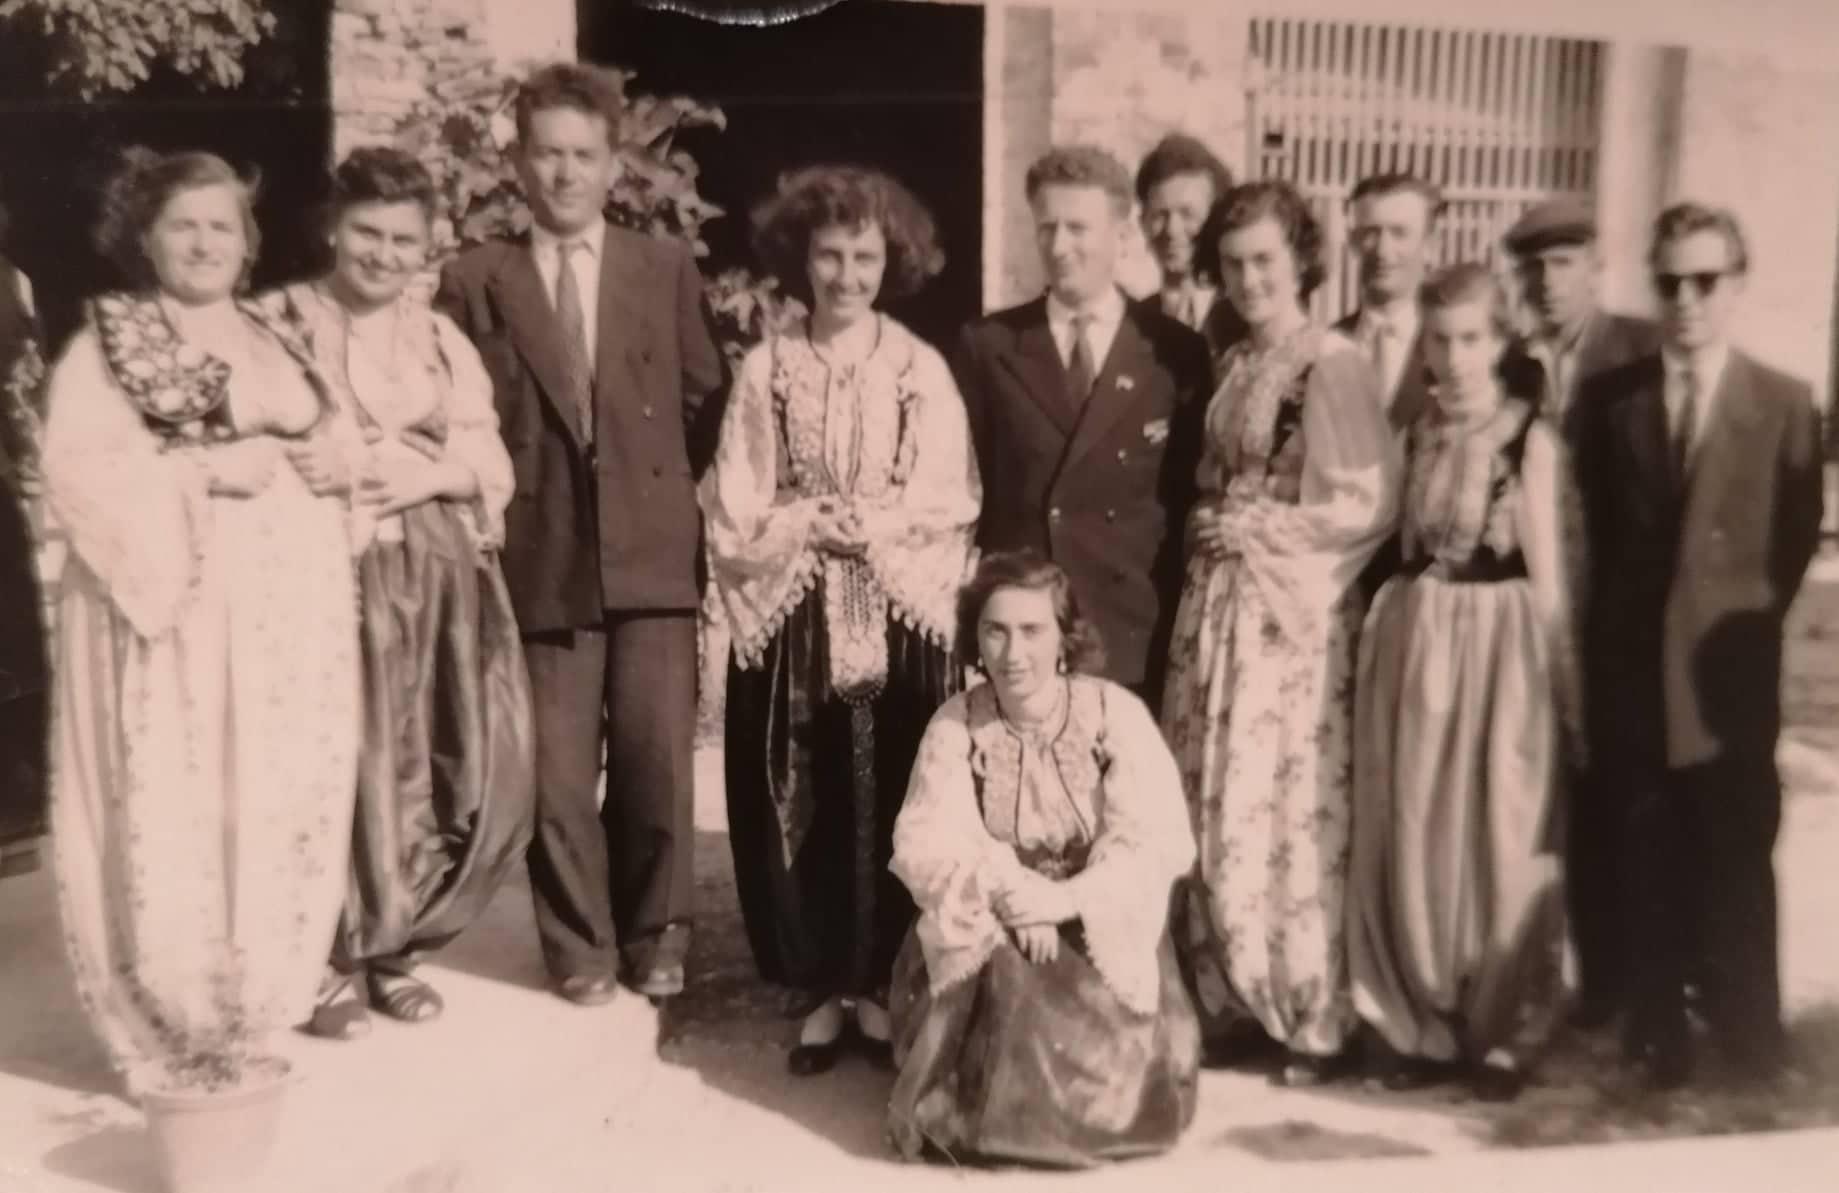 Siç ka Treguar Mësuesja Veterane Seno Zhorda: Drekë, Valle dhe Këngë për Marshallin Malinovski nga Grupi i Valleve të Shtëpisë së Kulturës në Kalanë e Gjirokastrës.